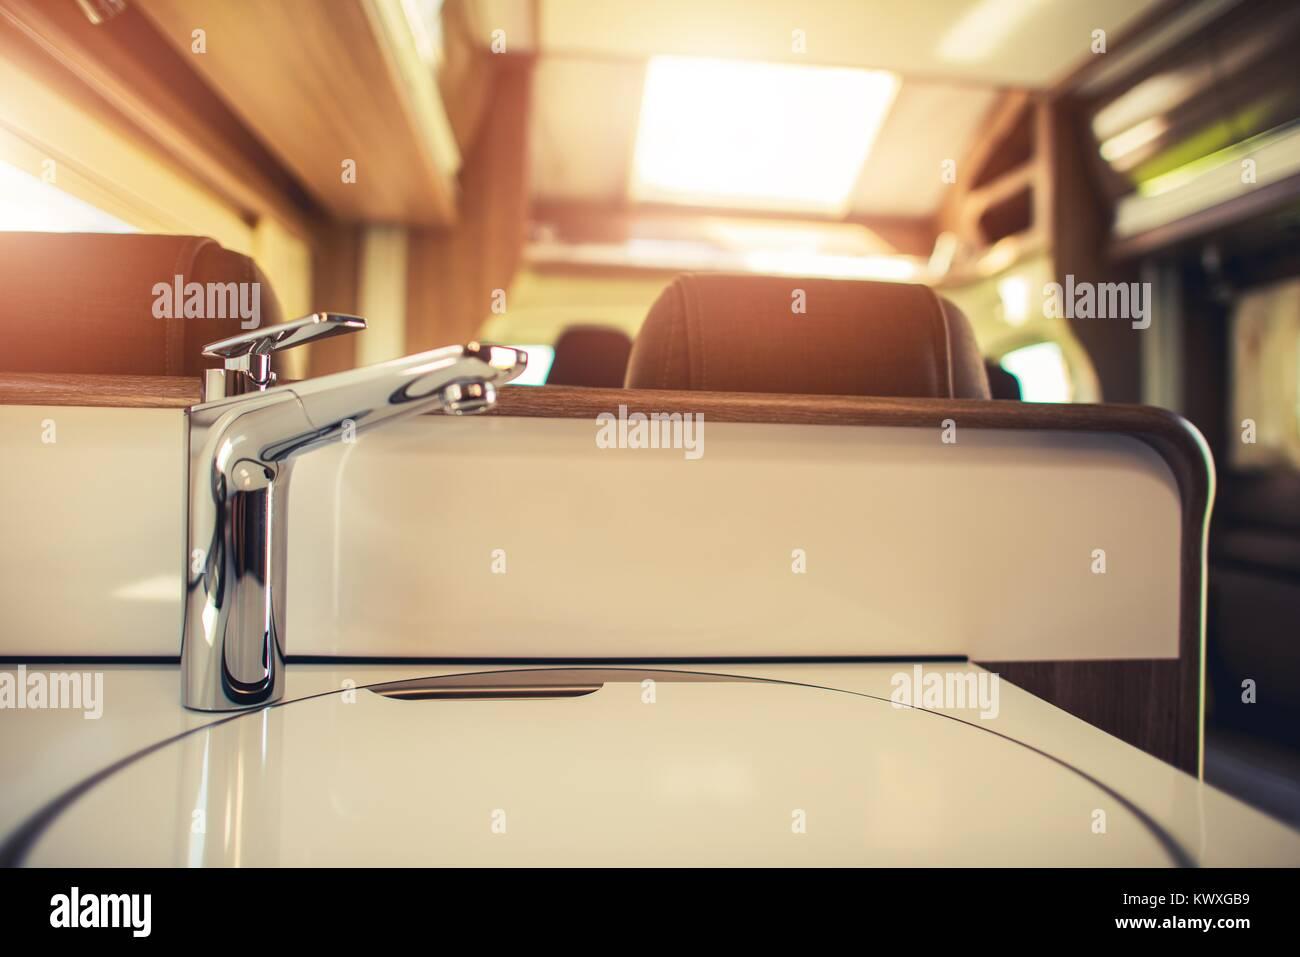 Rv Camper Wasserversorgung Foto Konzept Moderne Rv Motorcoach